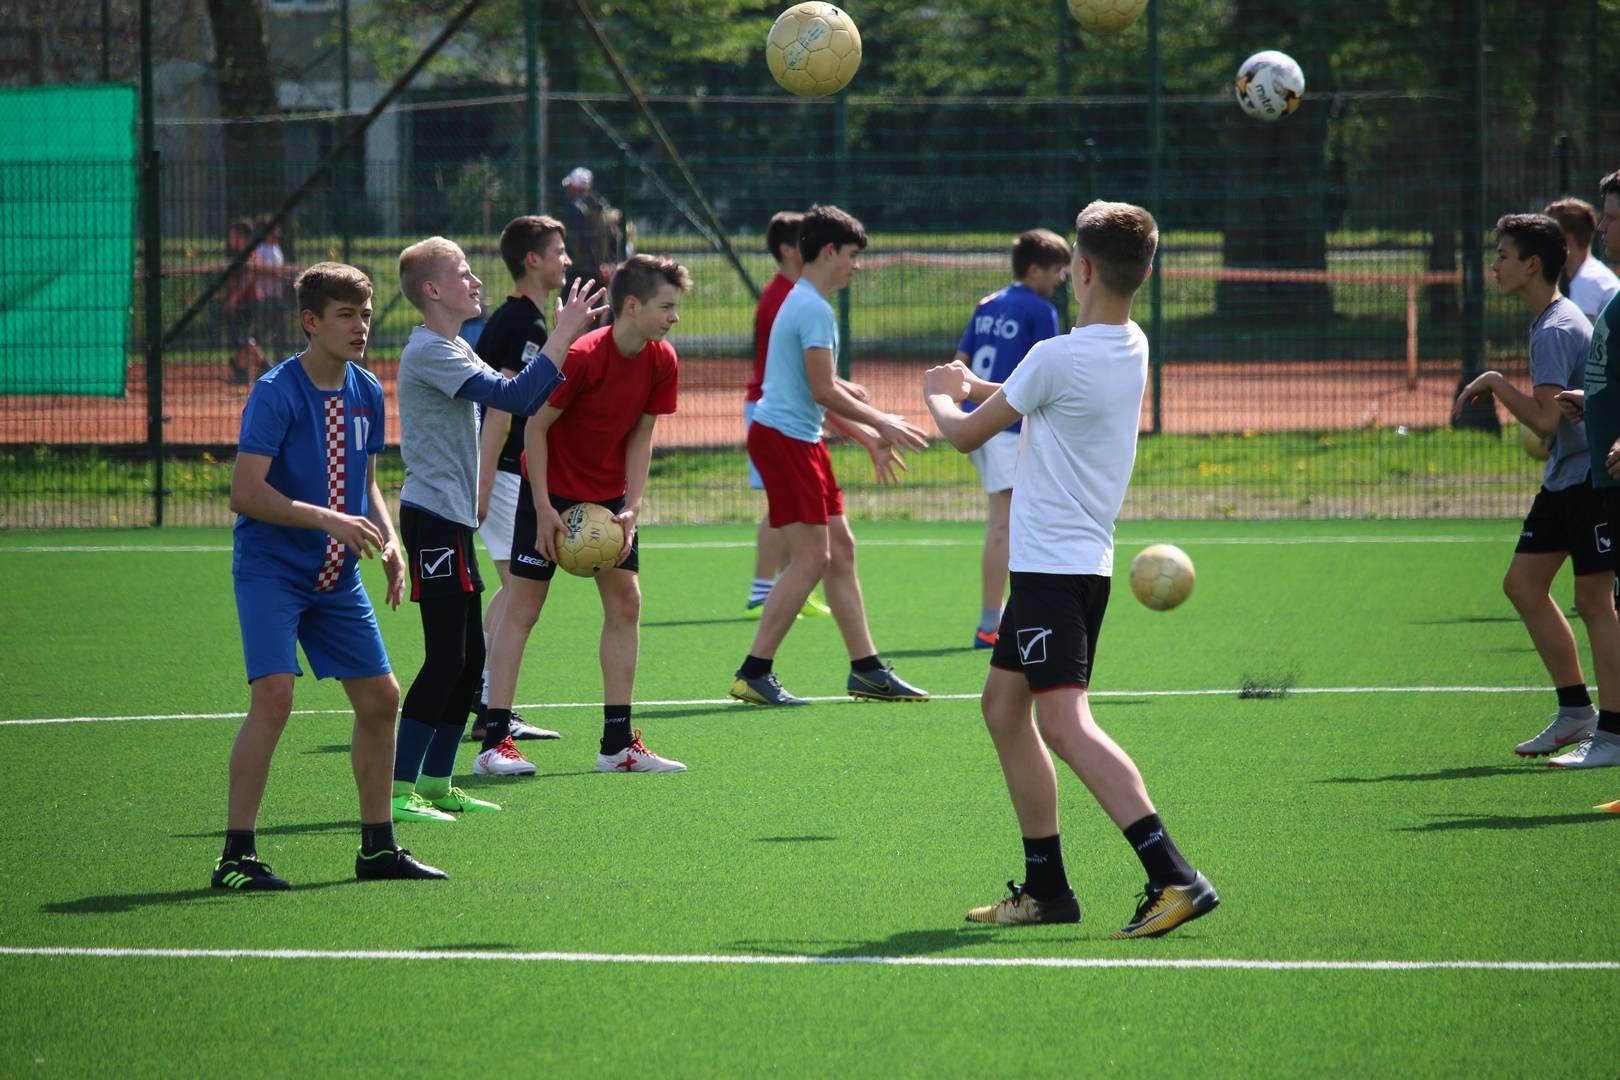 Stariji pioniri Škole nogometa grada Đurđevca odradili tehničko-taktički trening